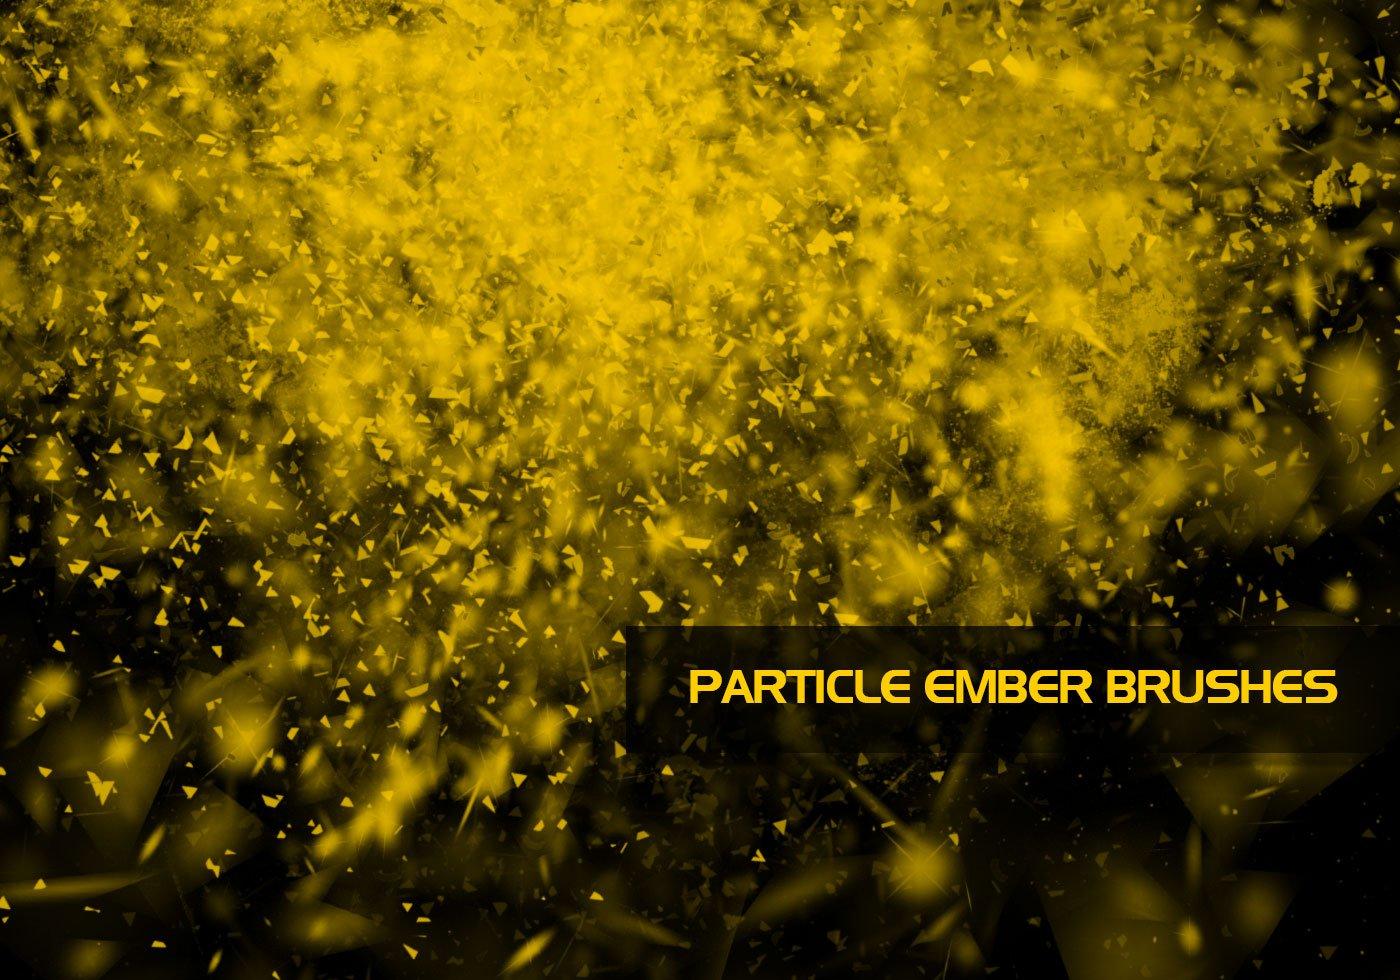 Złoty pył jak uzyskać w Photoshop - Grafika ...